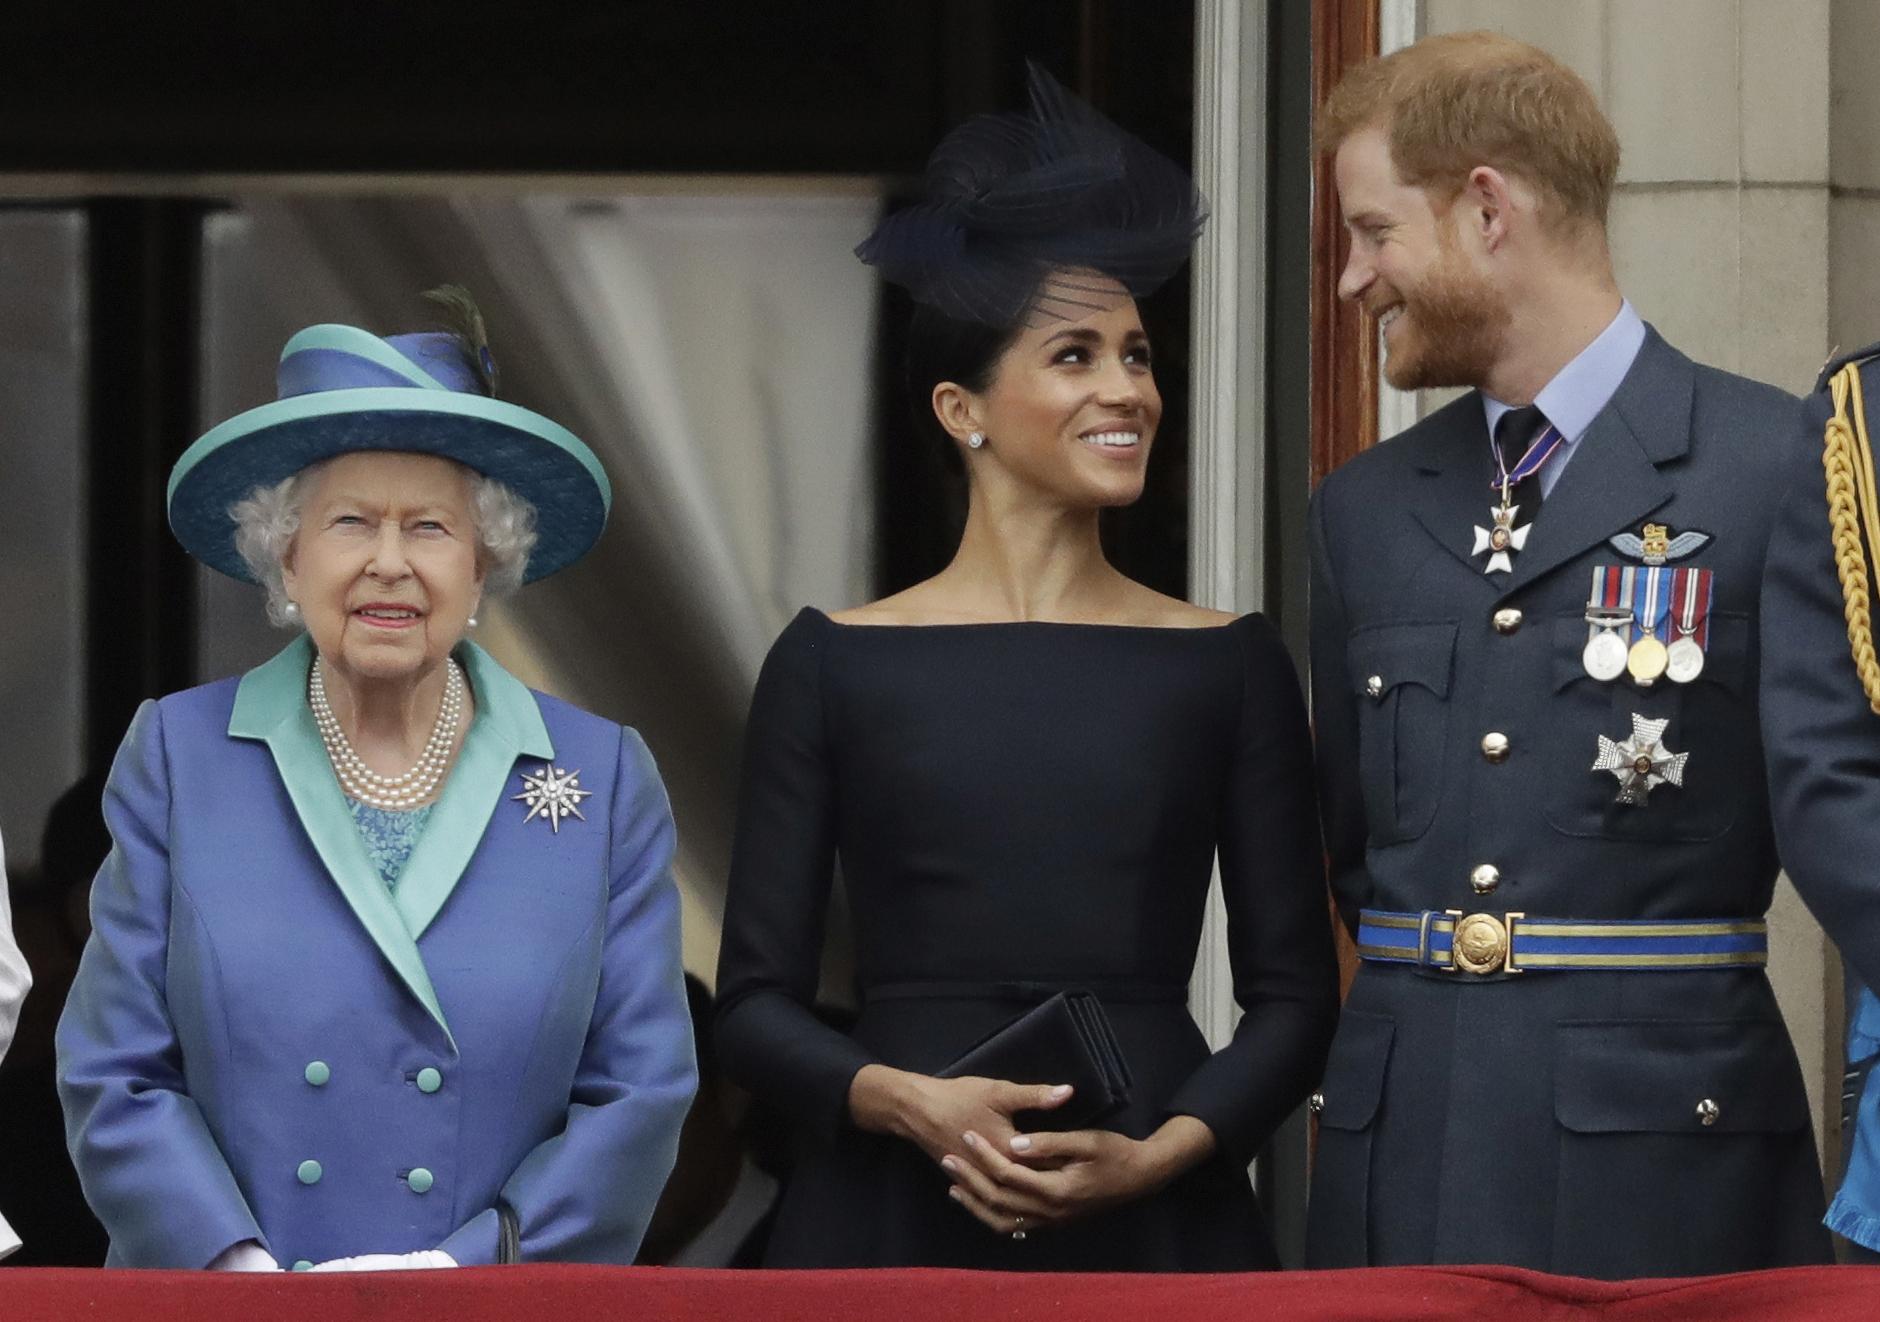 """""""Nunca le escondimos nada a mi abuela. Yo la respeto demasiado"""", expresó Harry a preguntas de si falló en mantener a la reina al tanto sobre sus planes de dejar sus deberes reales. (Archivo)"""